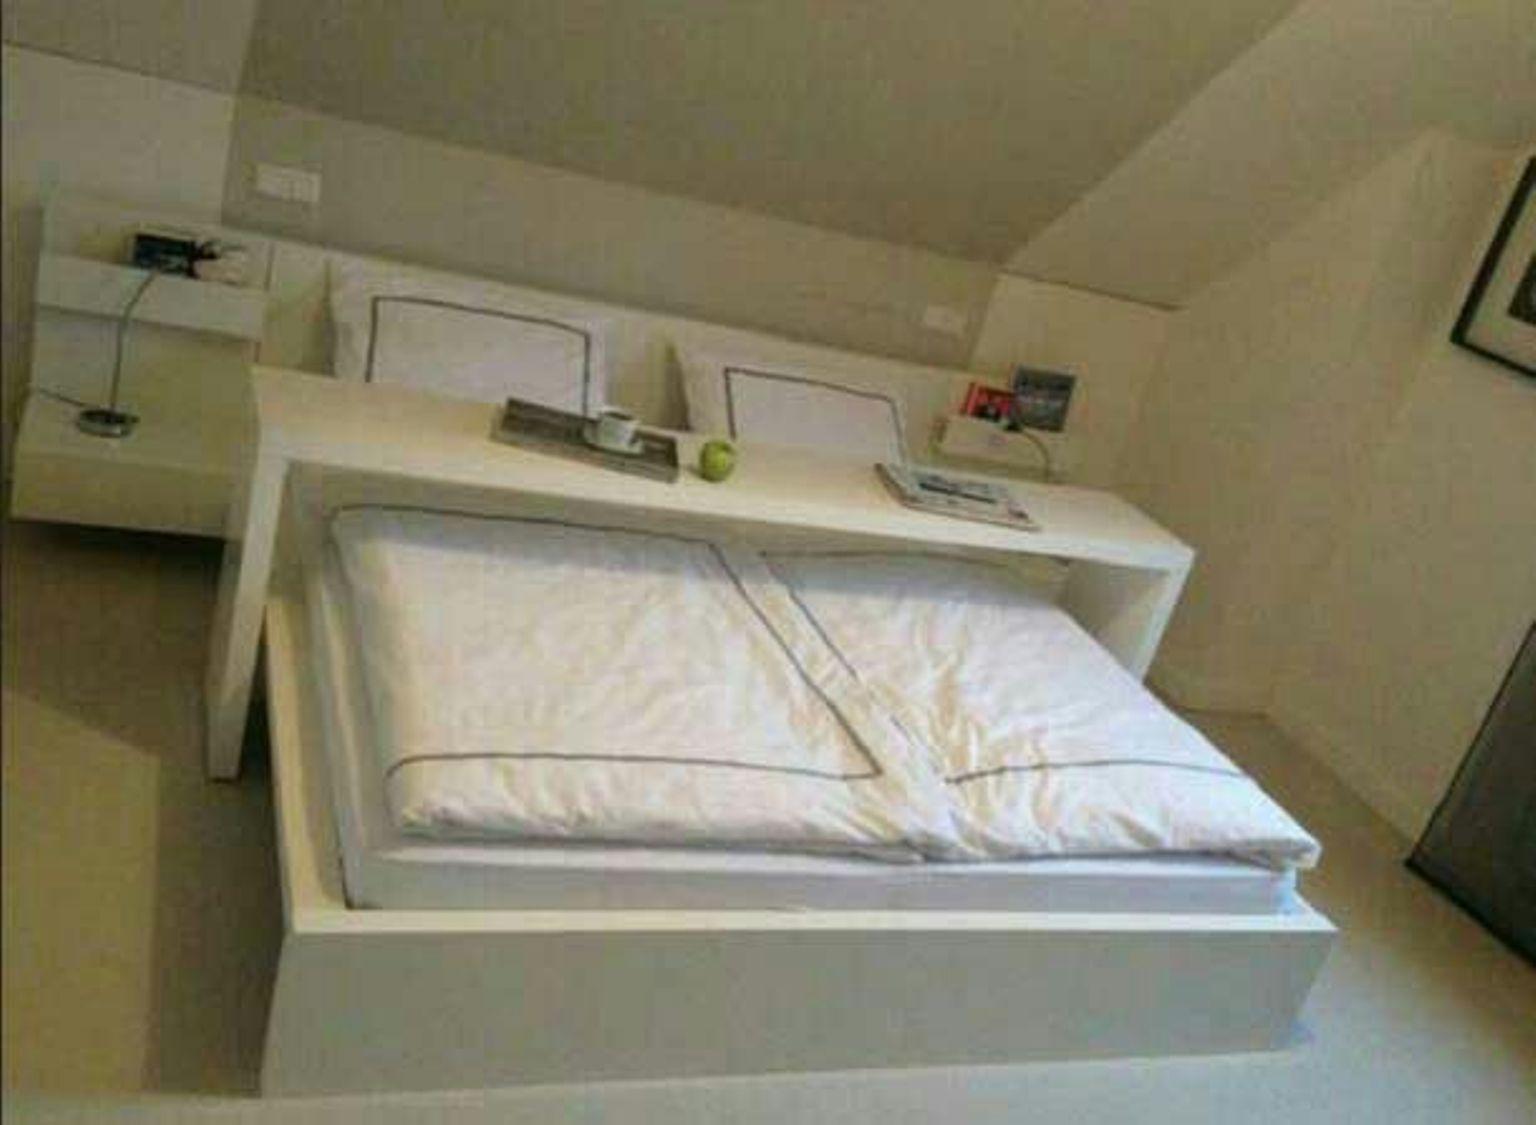 Malm Betttisch Betttisch Bett Tisch Ikea Ikea Bett